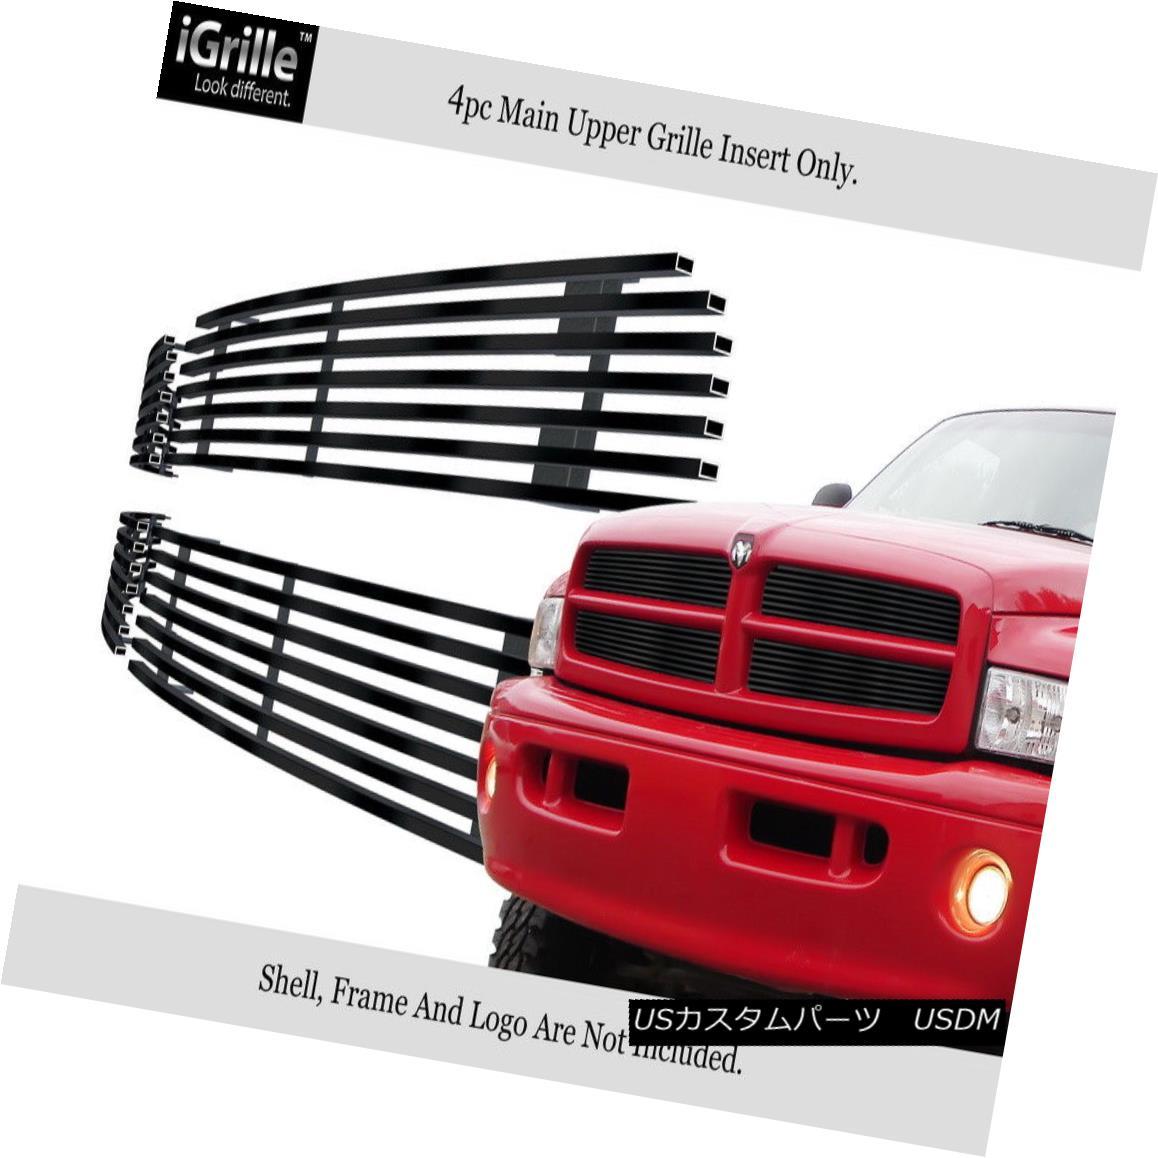 グリル Fits 1999-2001 Dodge Ram Sport Stainless Steel Black Billet Grille Grill Insert フィット1999-2001ダッジラムスポーツステンレス鋼ブラックビレットグリルグリルインサート